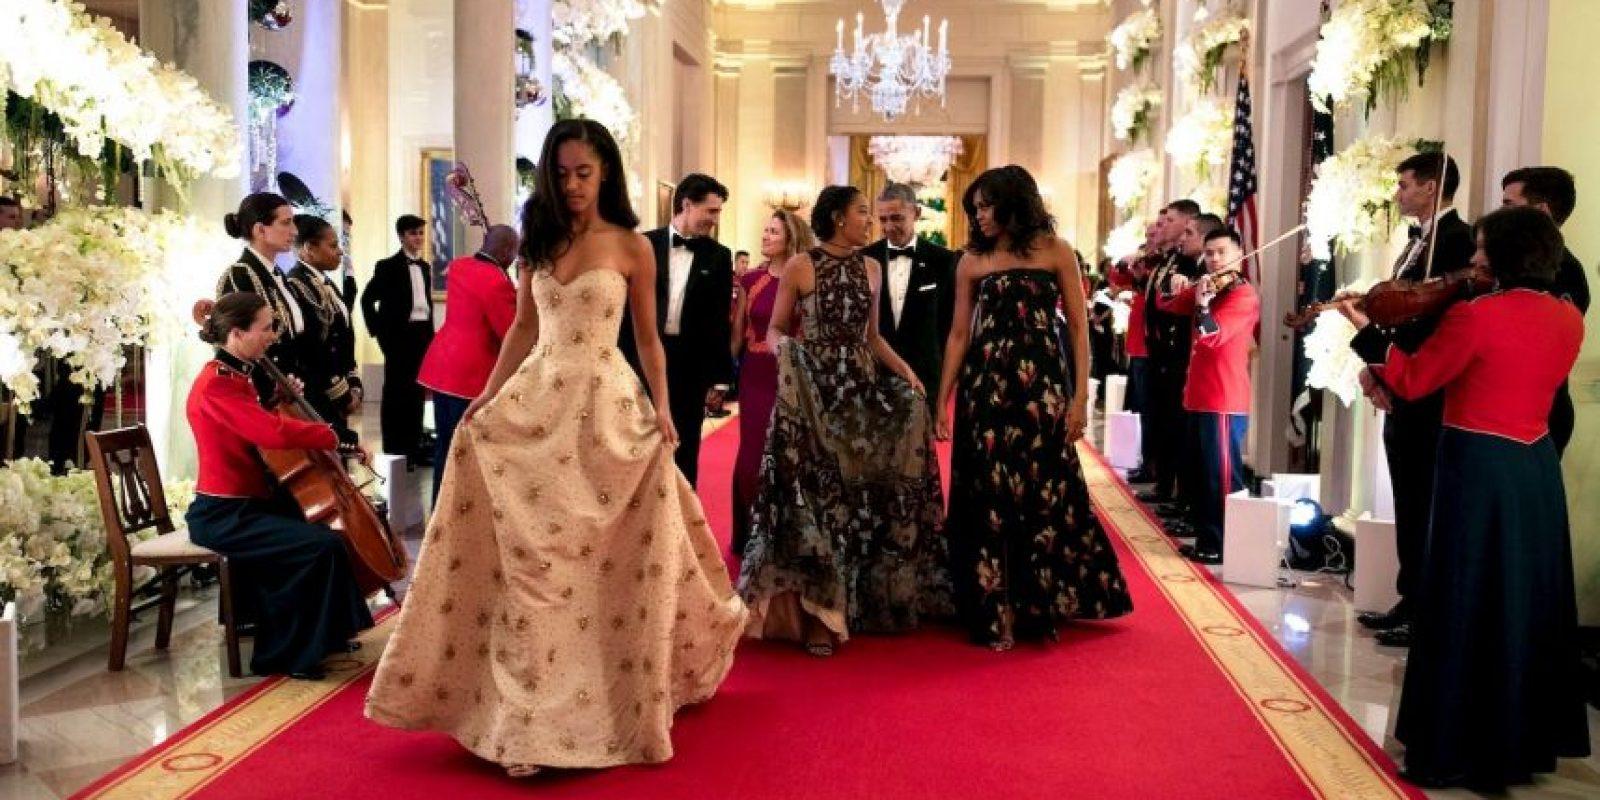 Así debutaron las hijas de Obama en las cenas oficiales Foto:whitehouse.gov